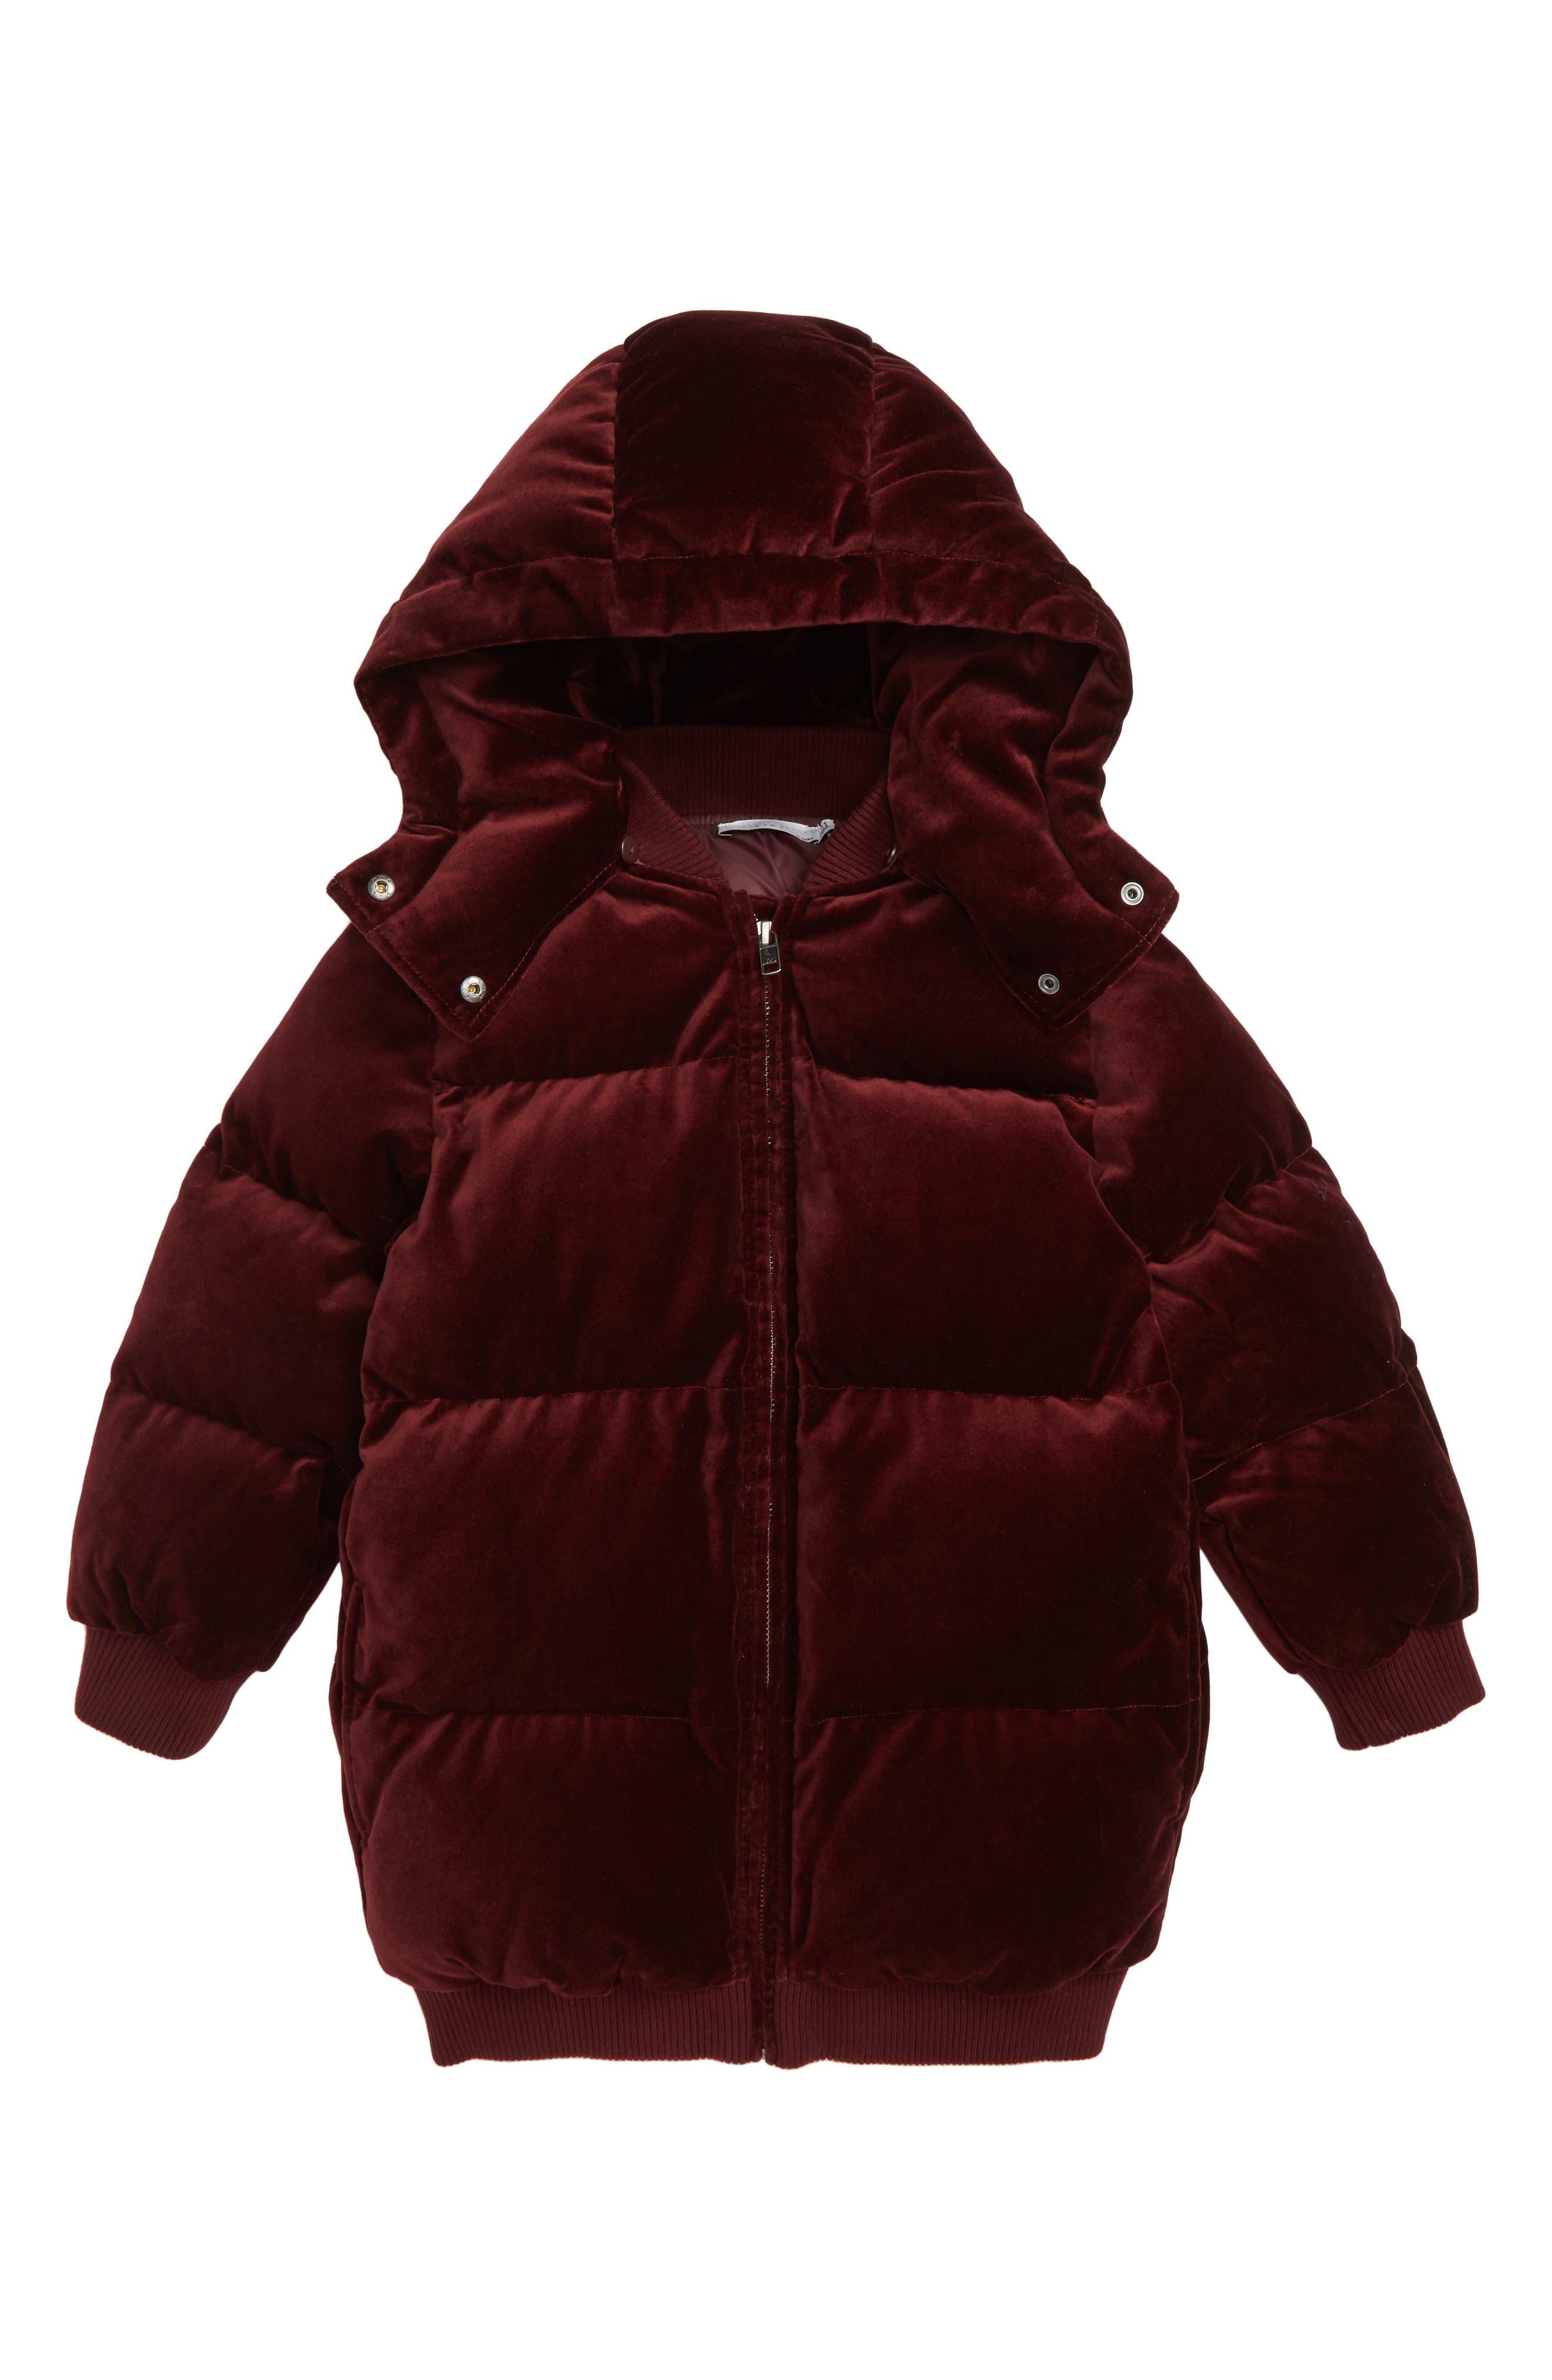 Ruby Velvet Puffer Jacket,                         Main,                         color, BURGUNDY